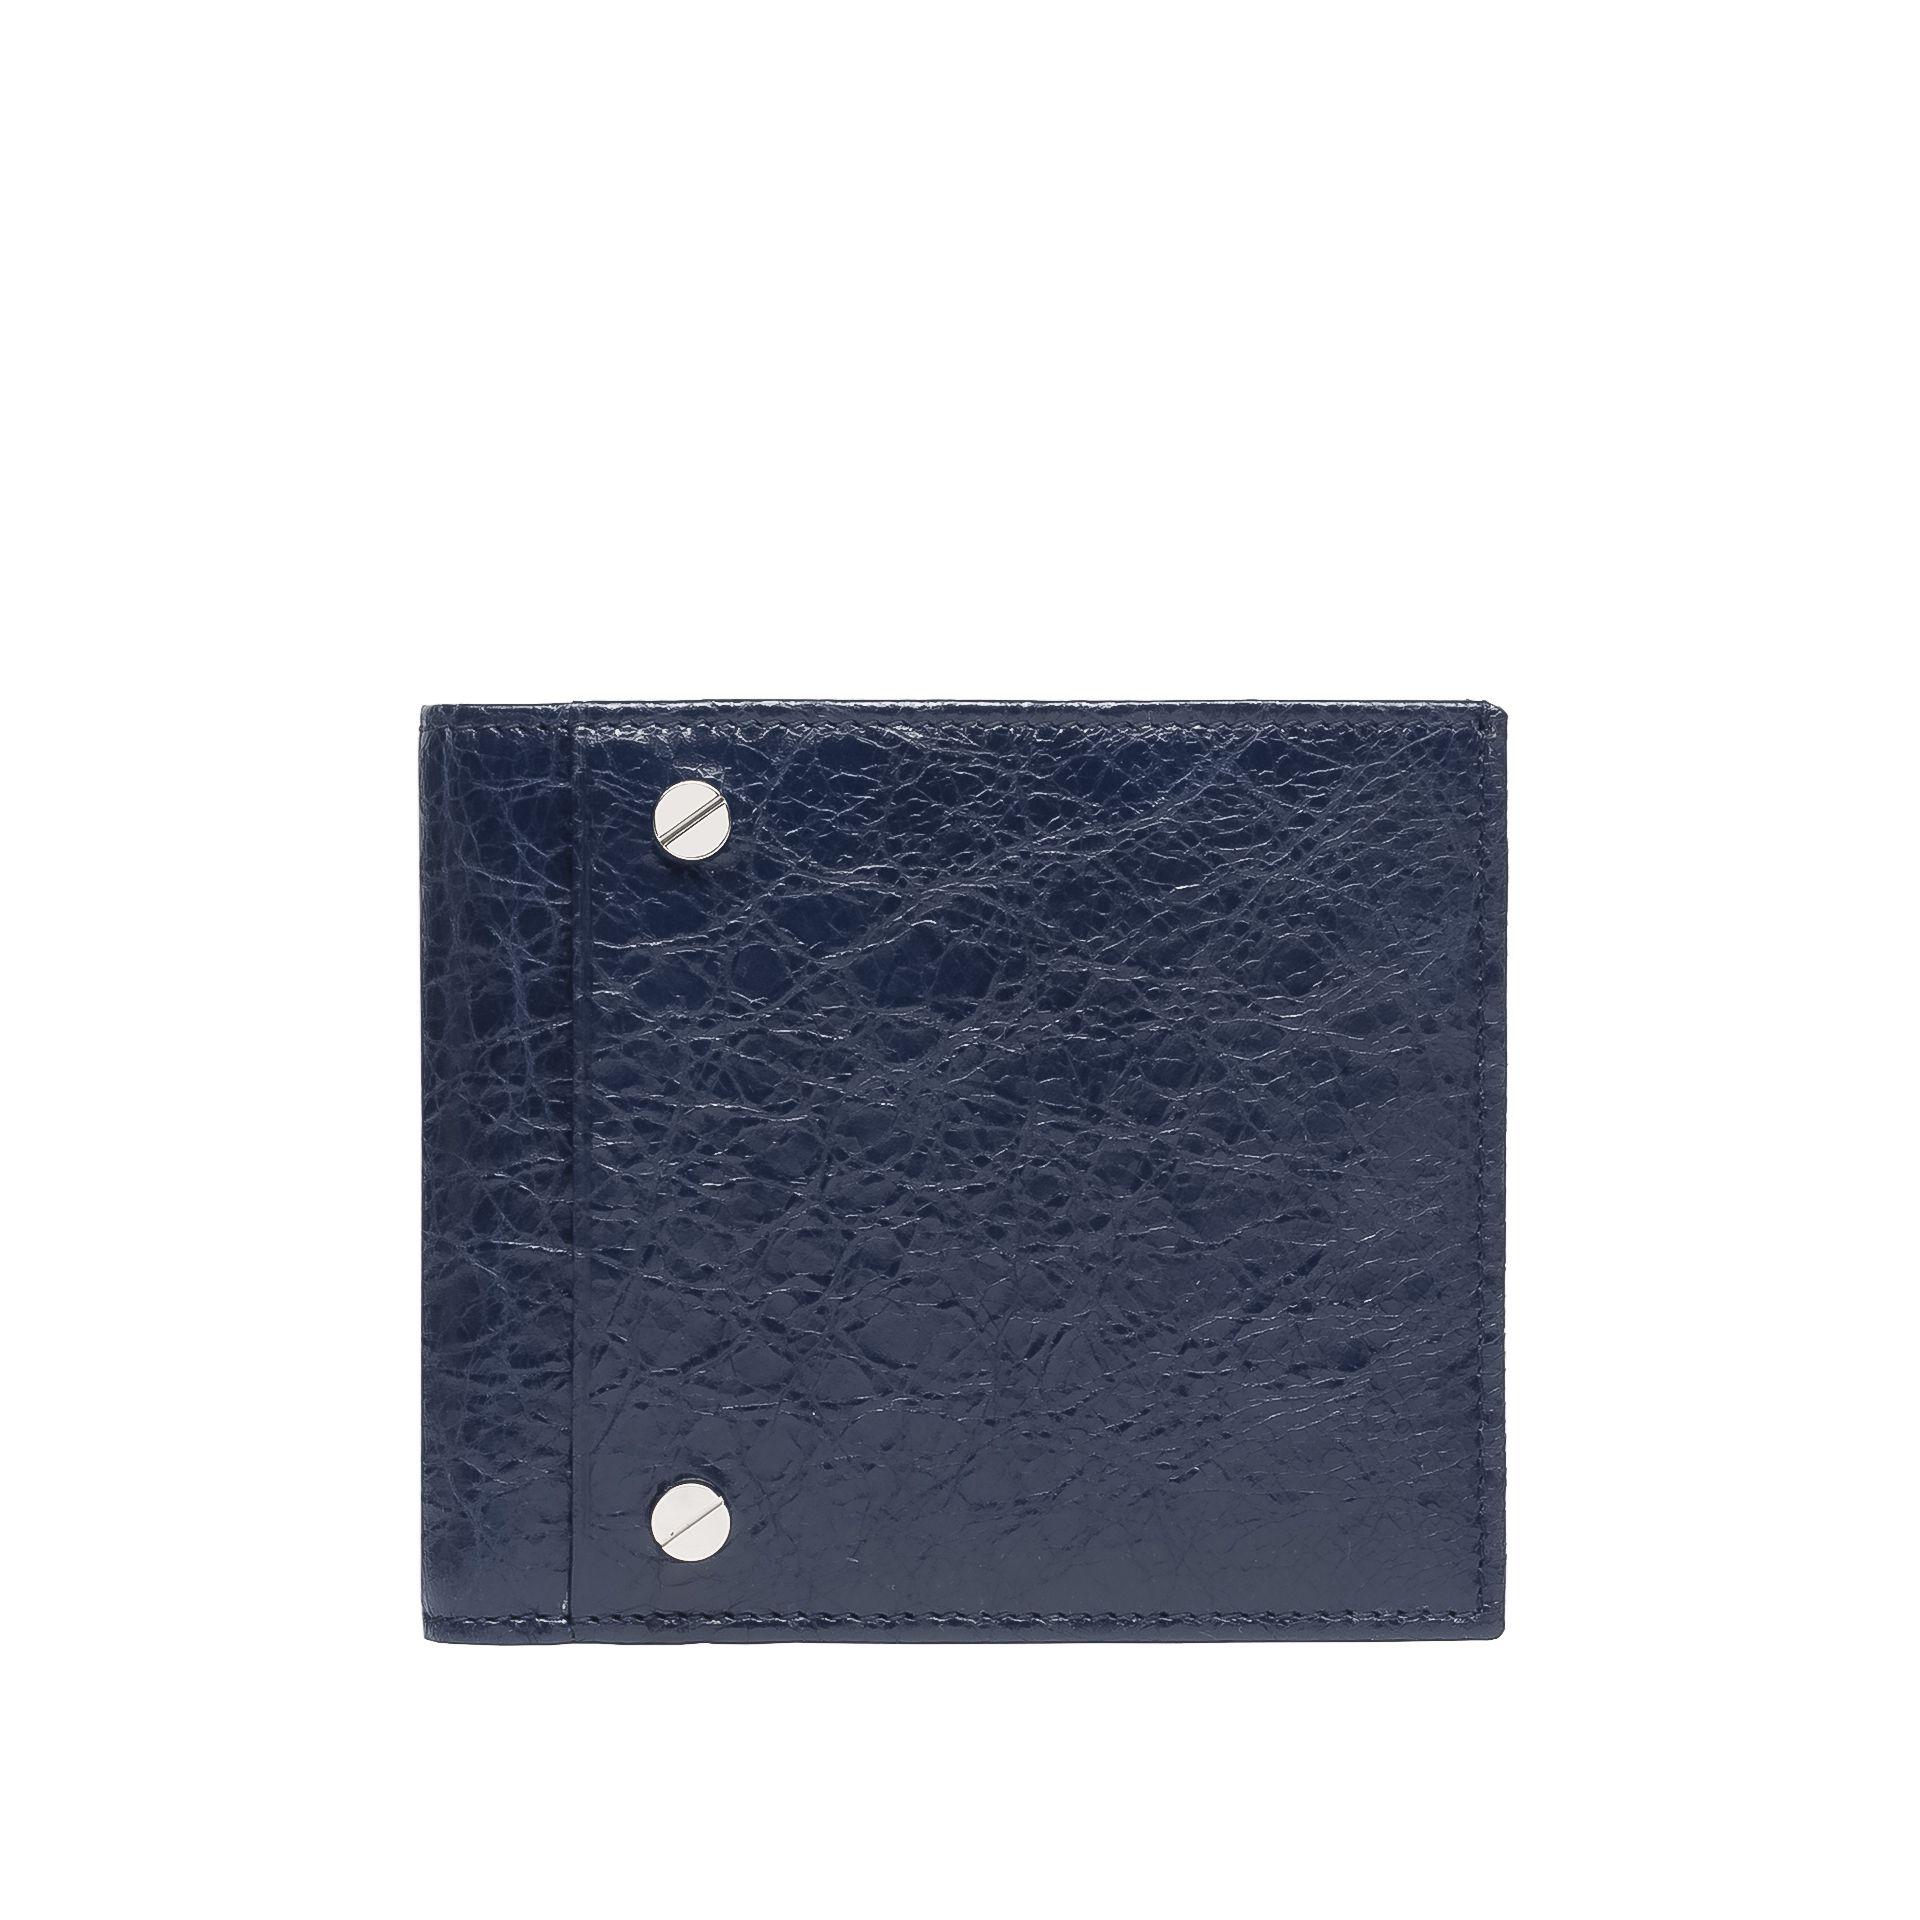 BALENCIAGA Balenciaga Square Wallet Portefeuilles U f